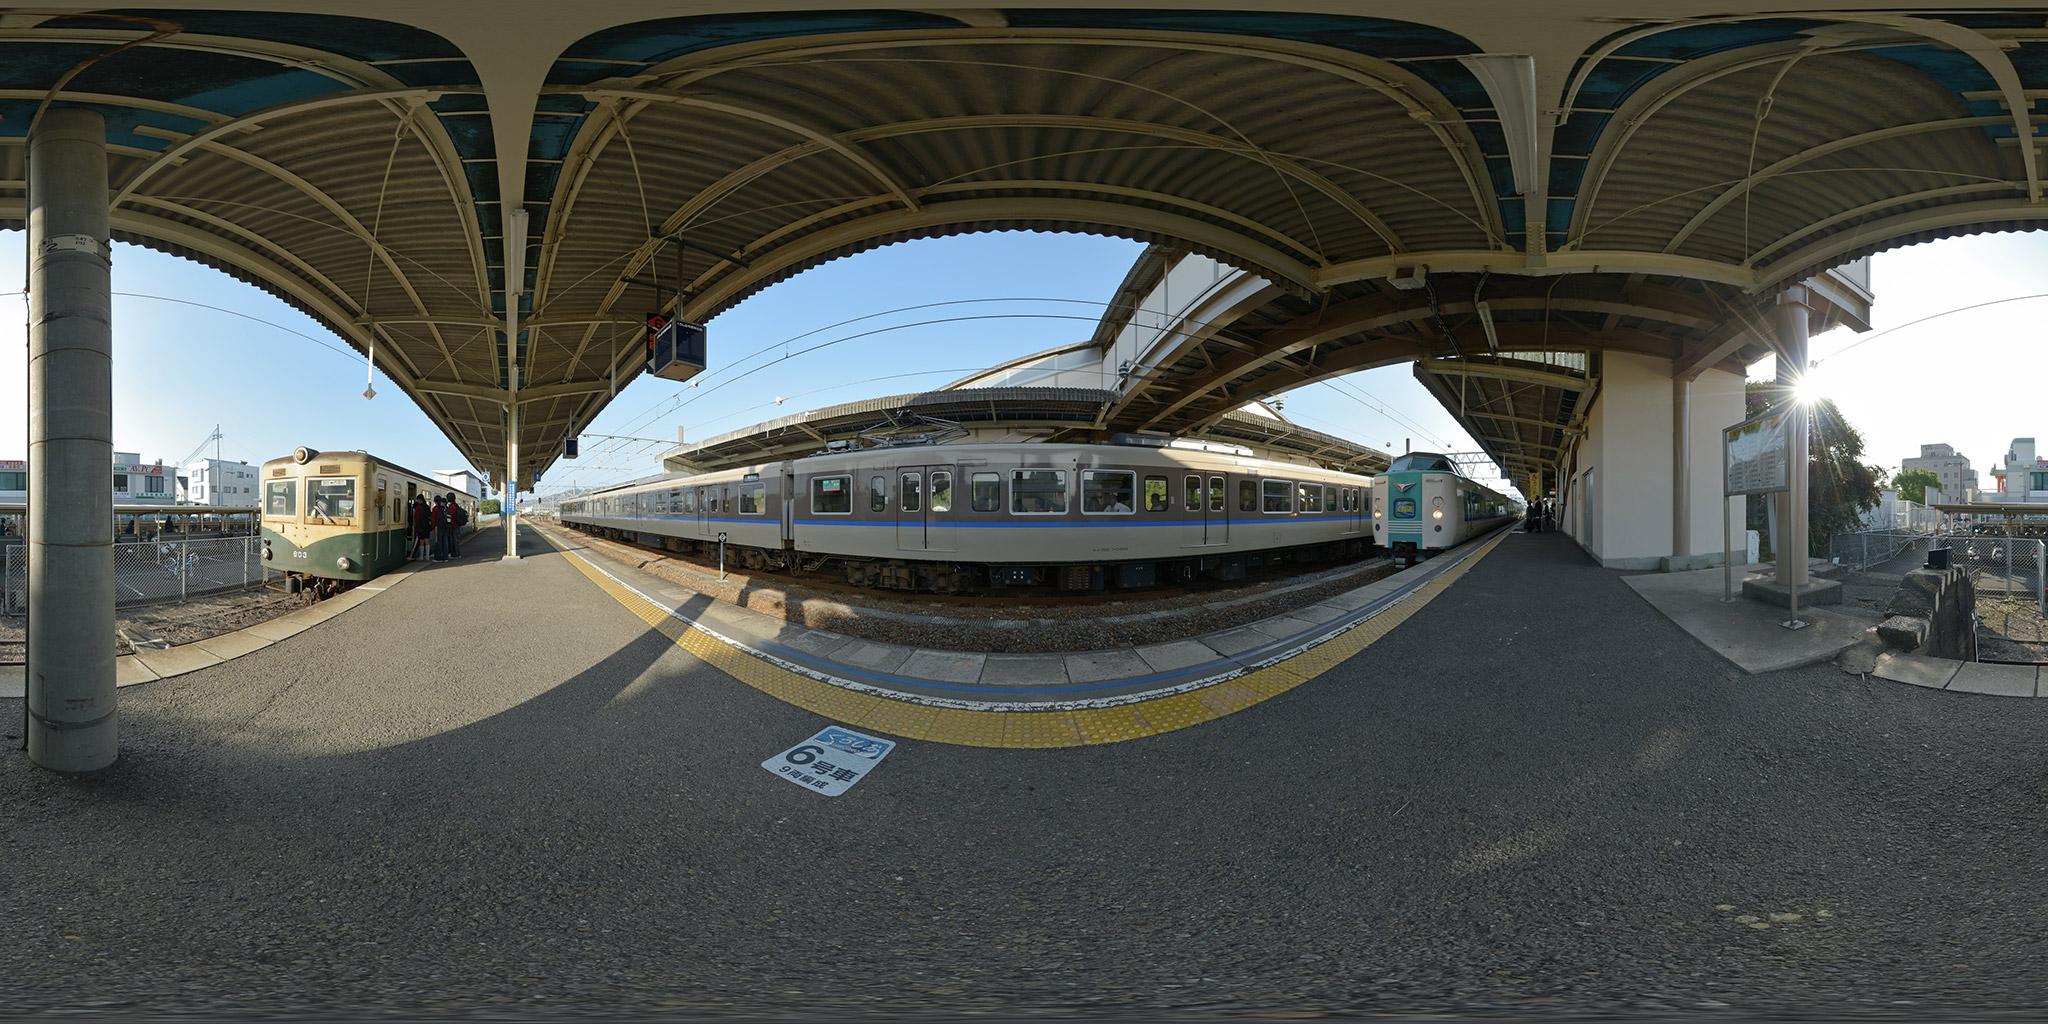 御坊駅で381系と並ぶ紀州鉄道キハ603